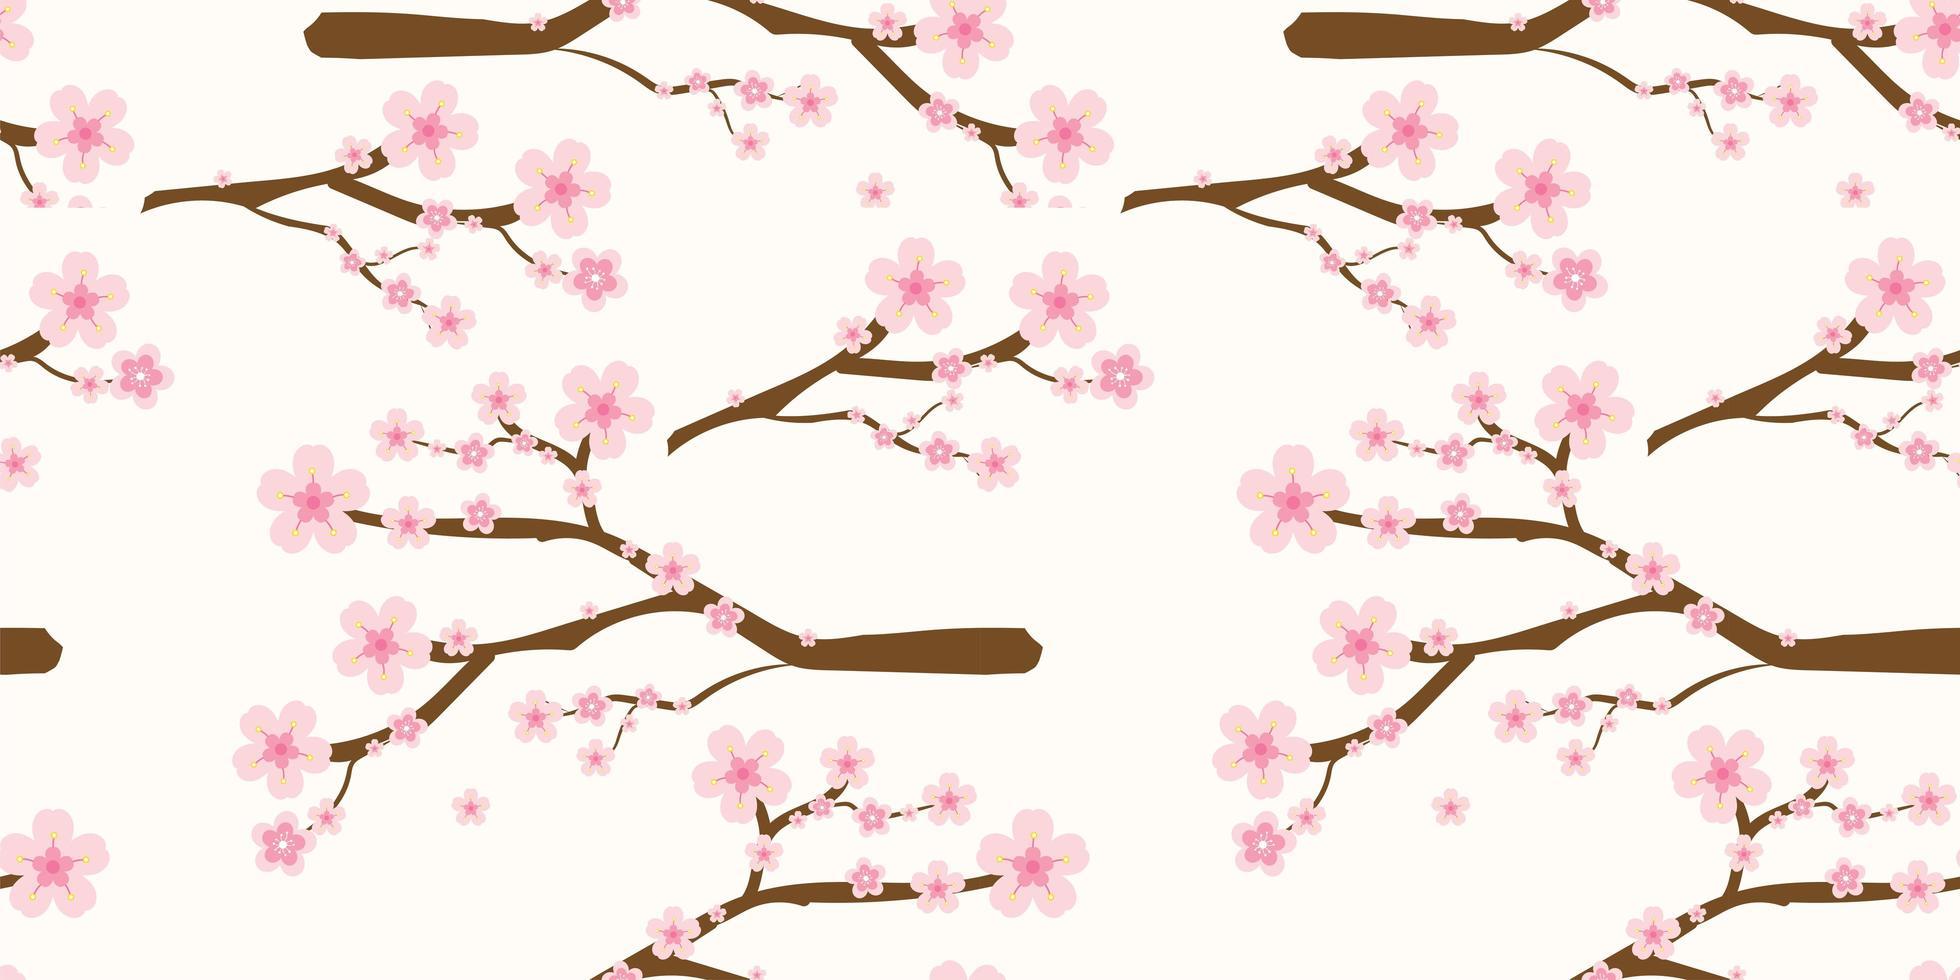 japanska körsbärsblommor och grenmönster vektor